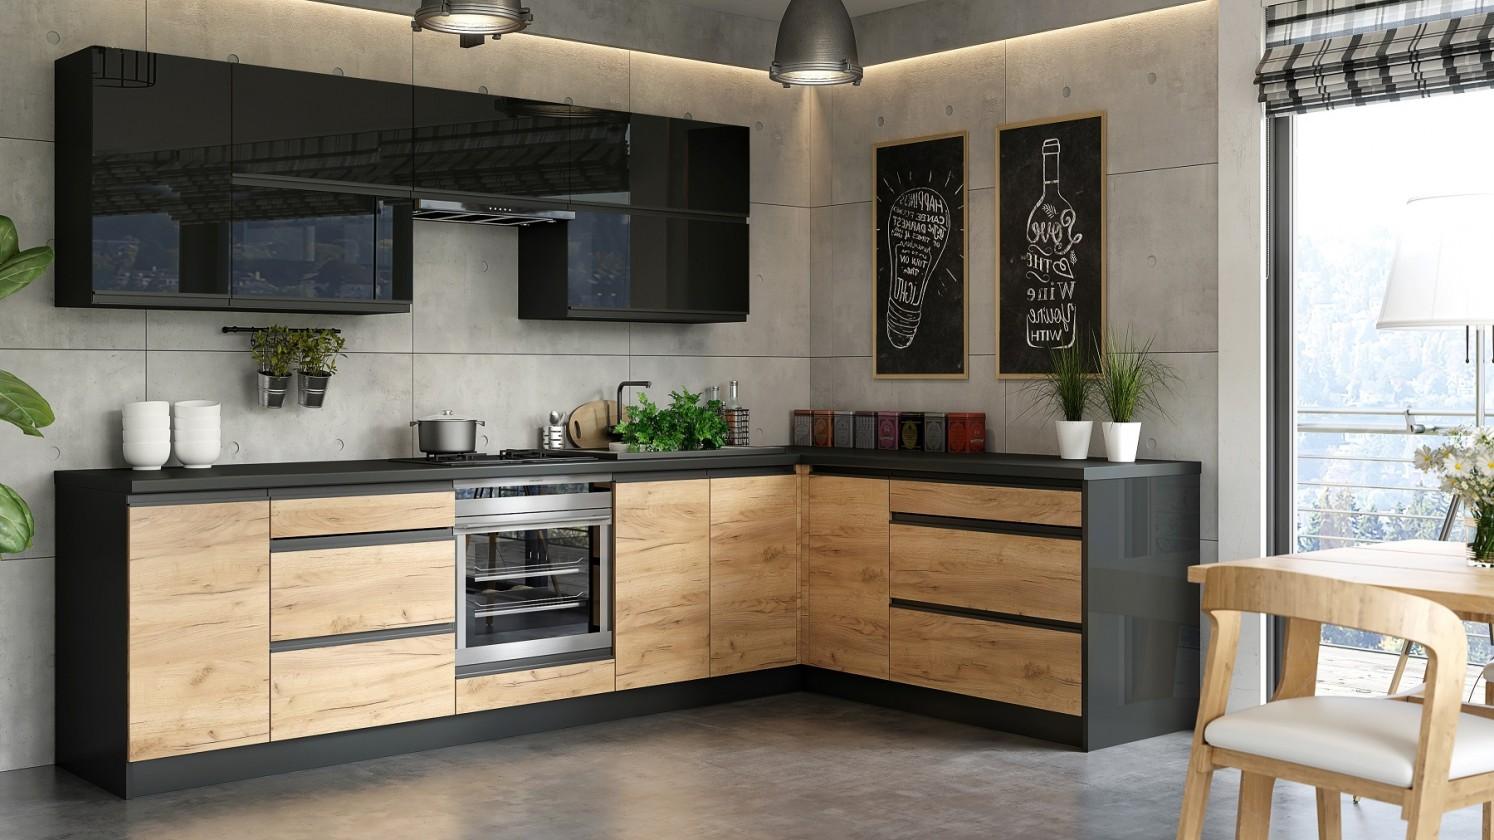 Rohové kuchyně Rohová kuchyně Brick pravý roh 300x182 cm (černá lesk/craft)